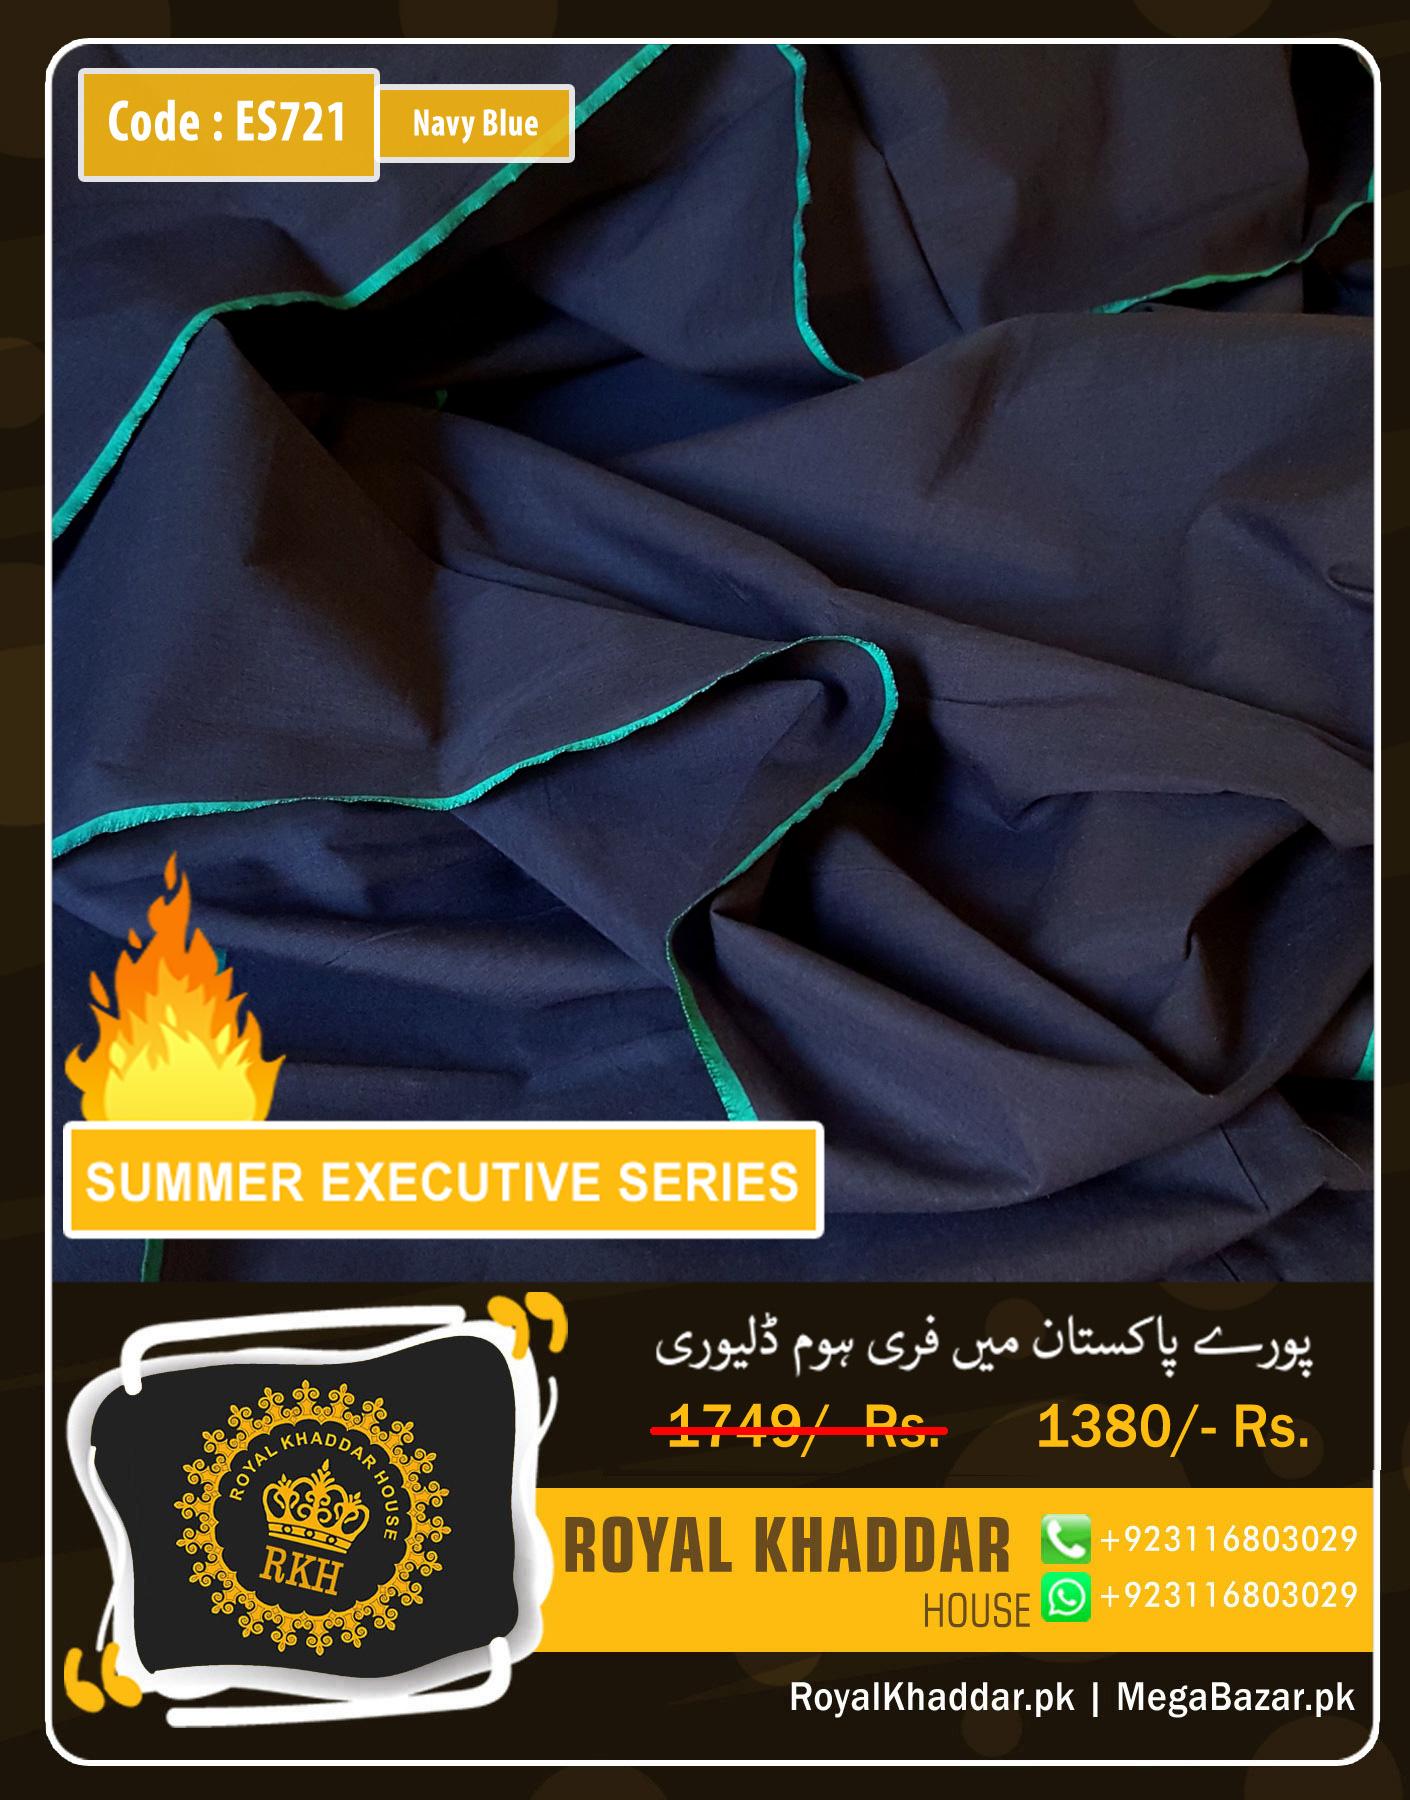 Navy Blue Summer Khaddar